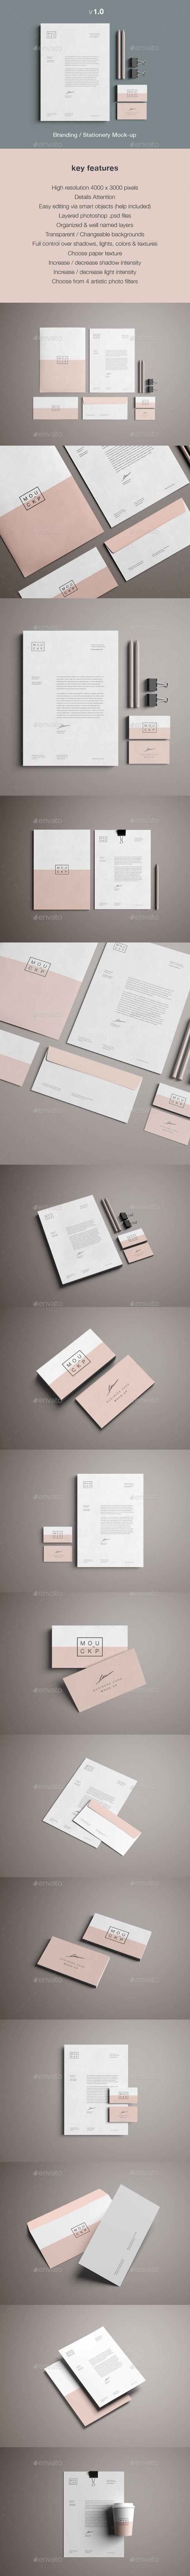 Stationery & Branding Mockup - Stationery Print